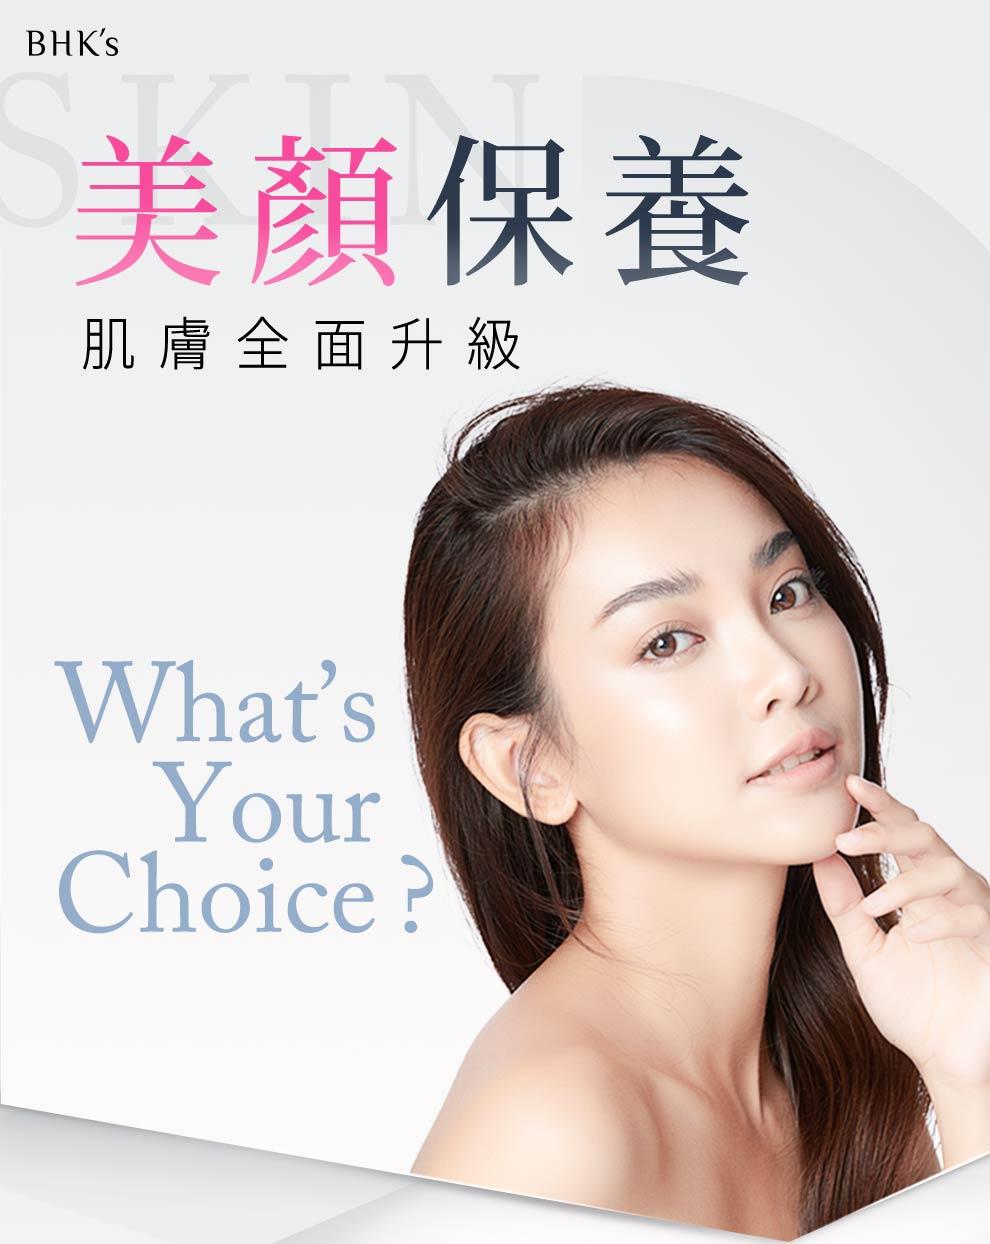 美顏保養產品咁多種,你會點選擇呢?8款產品絕對可以滿足所有肌膚需求!